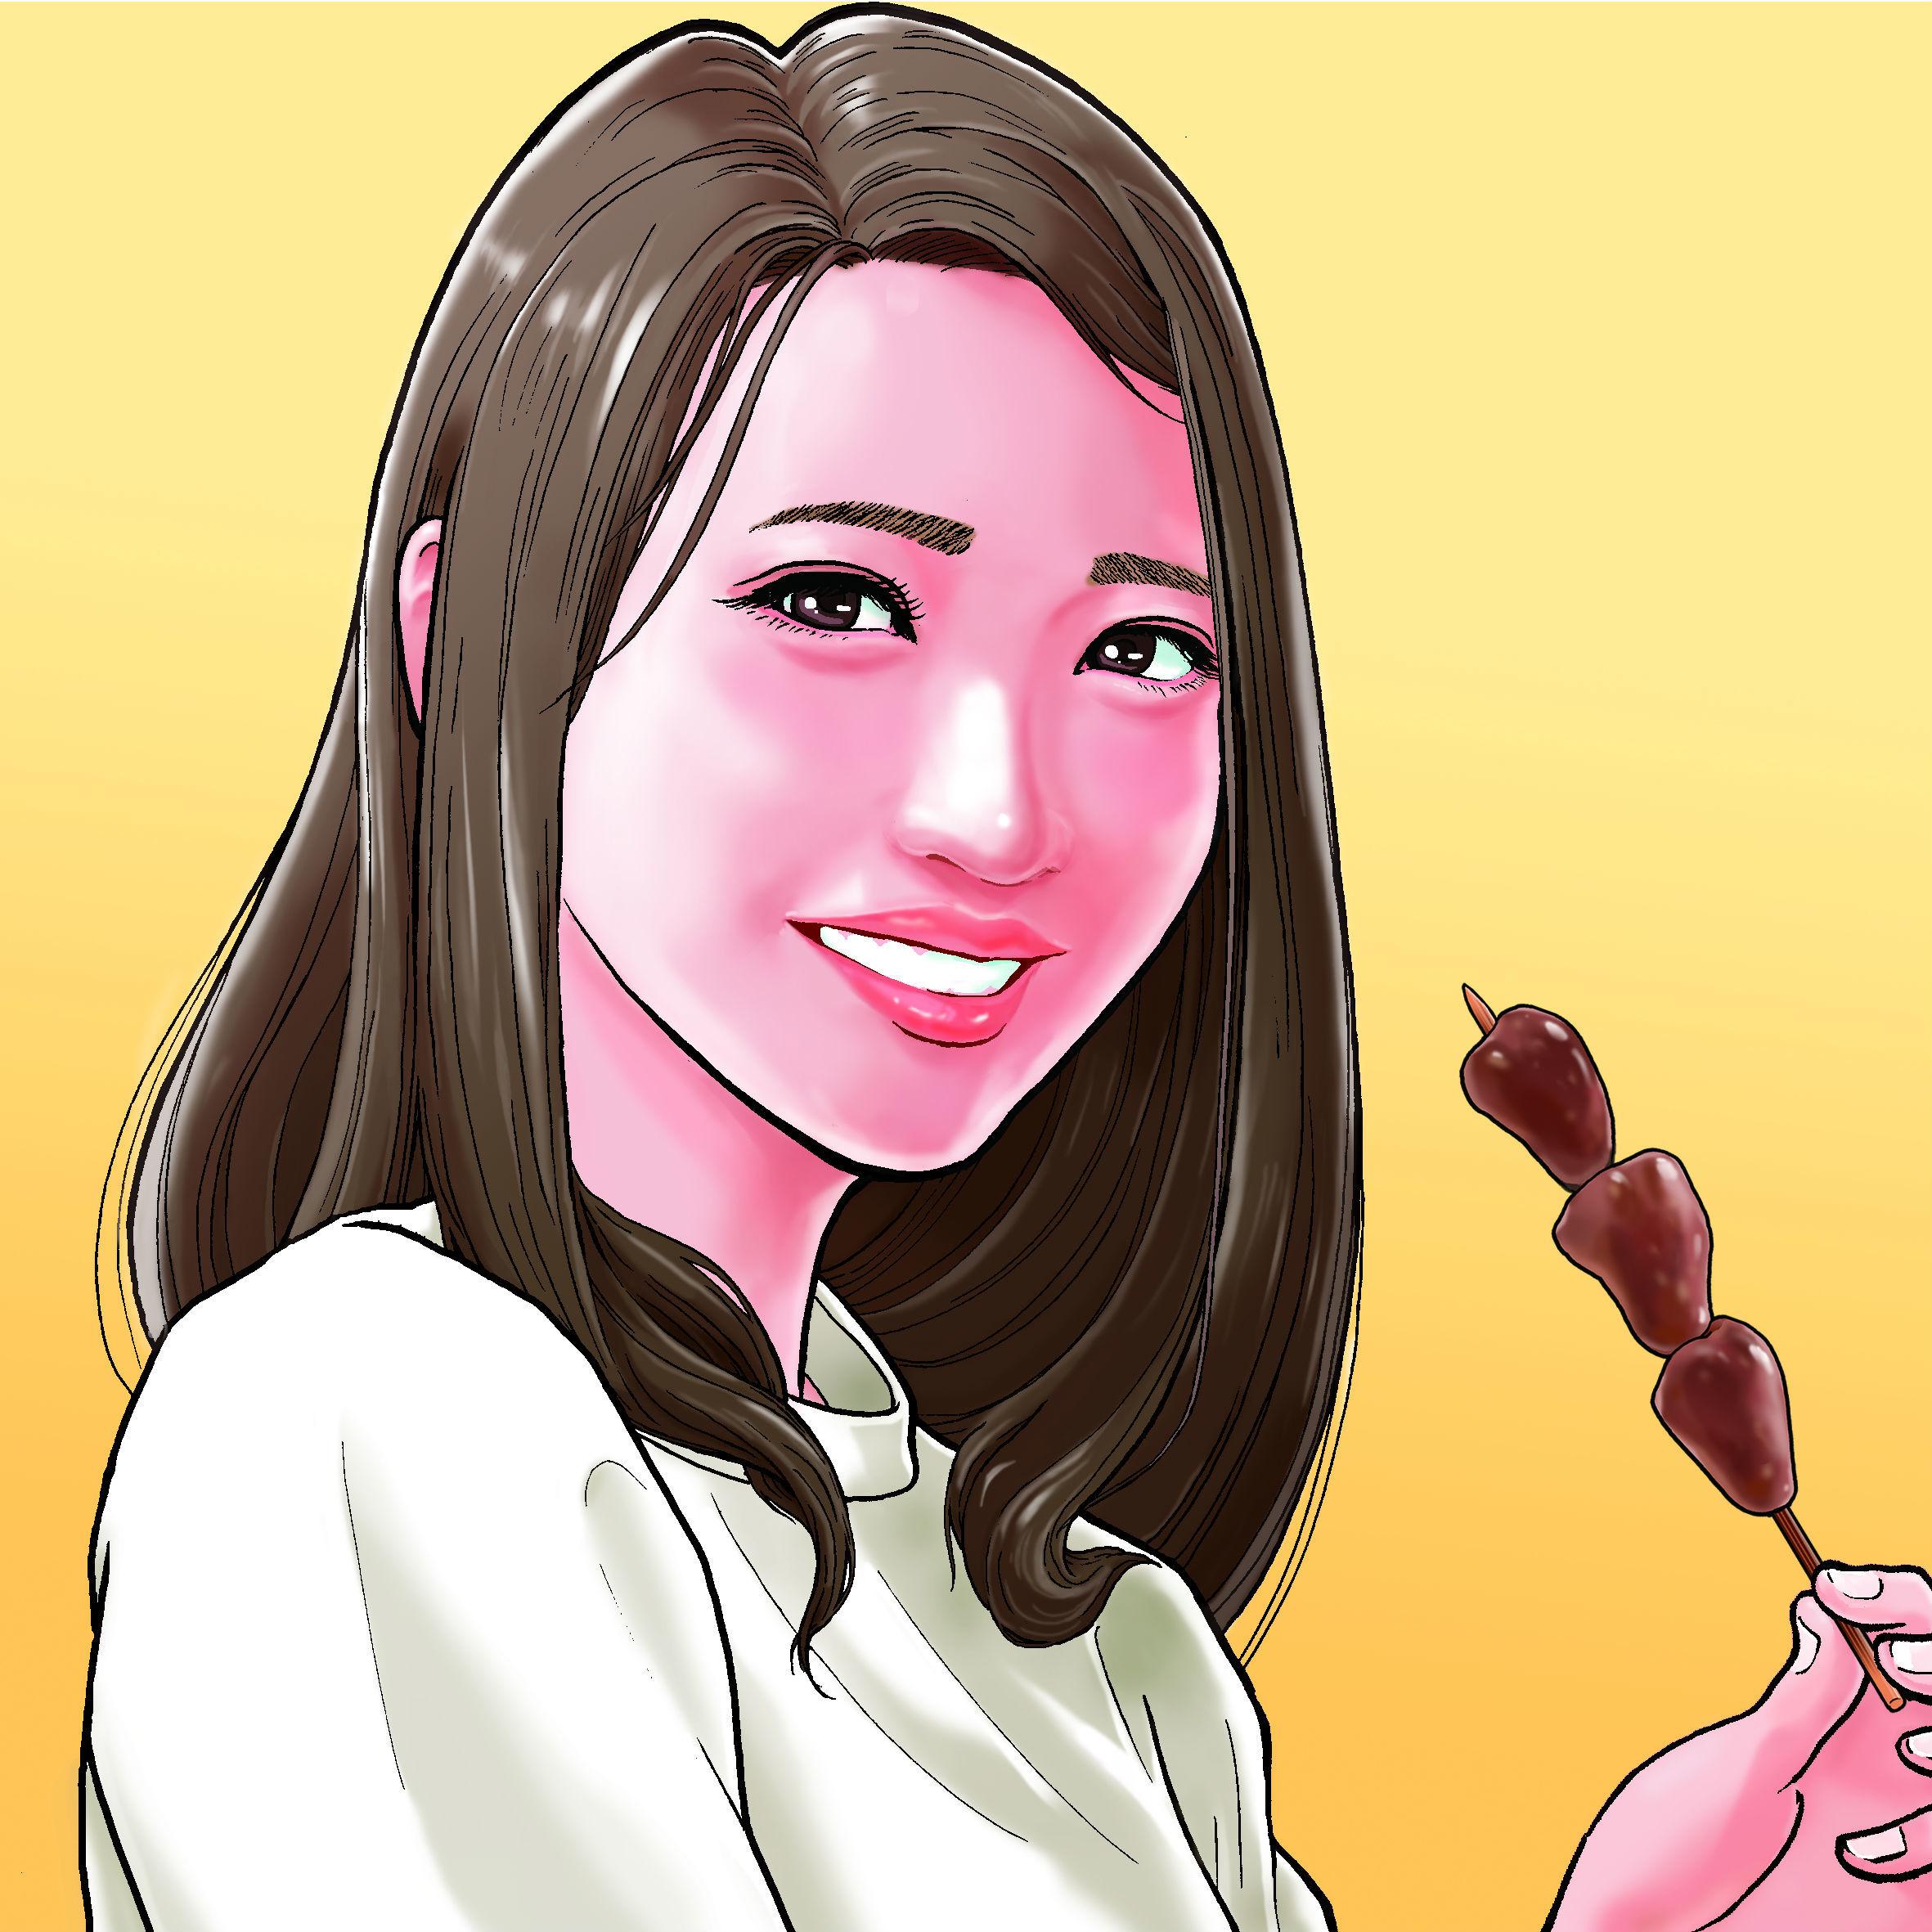 「串と美人2」第3回 うららさん(21歳/大学生)